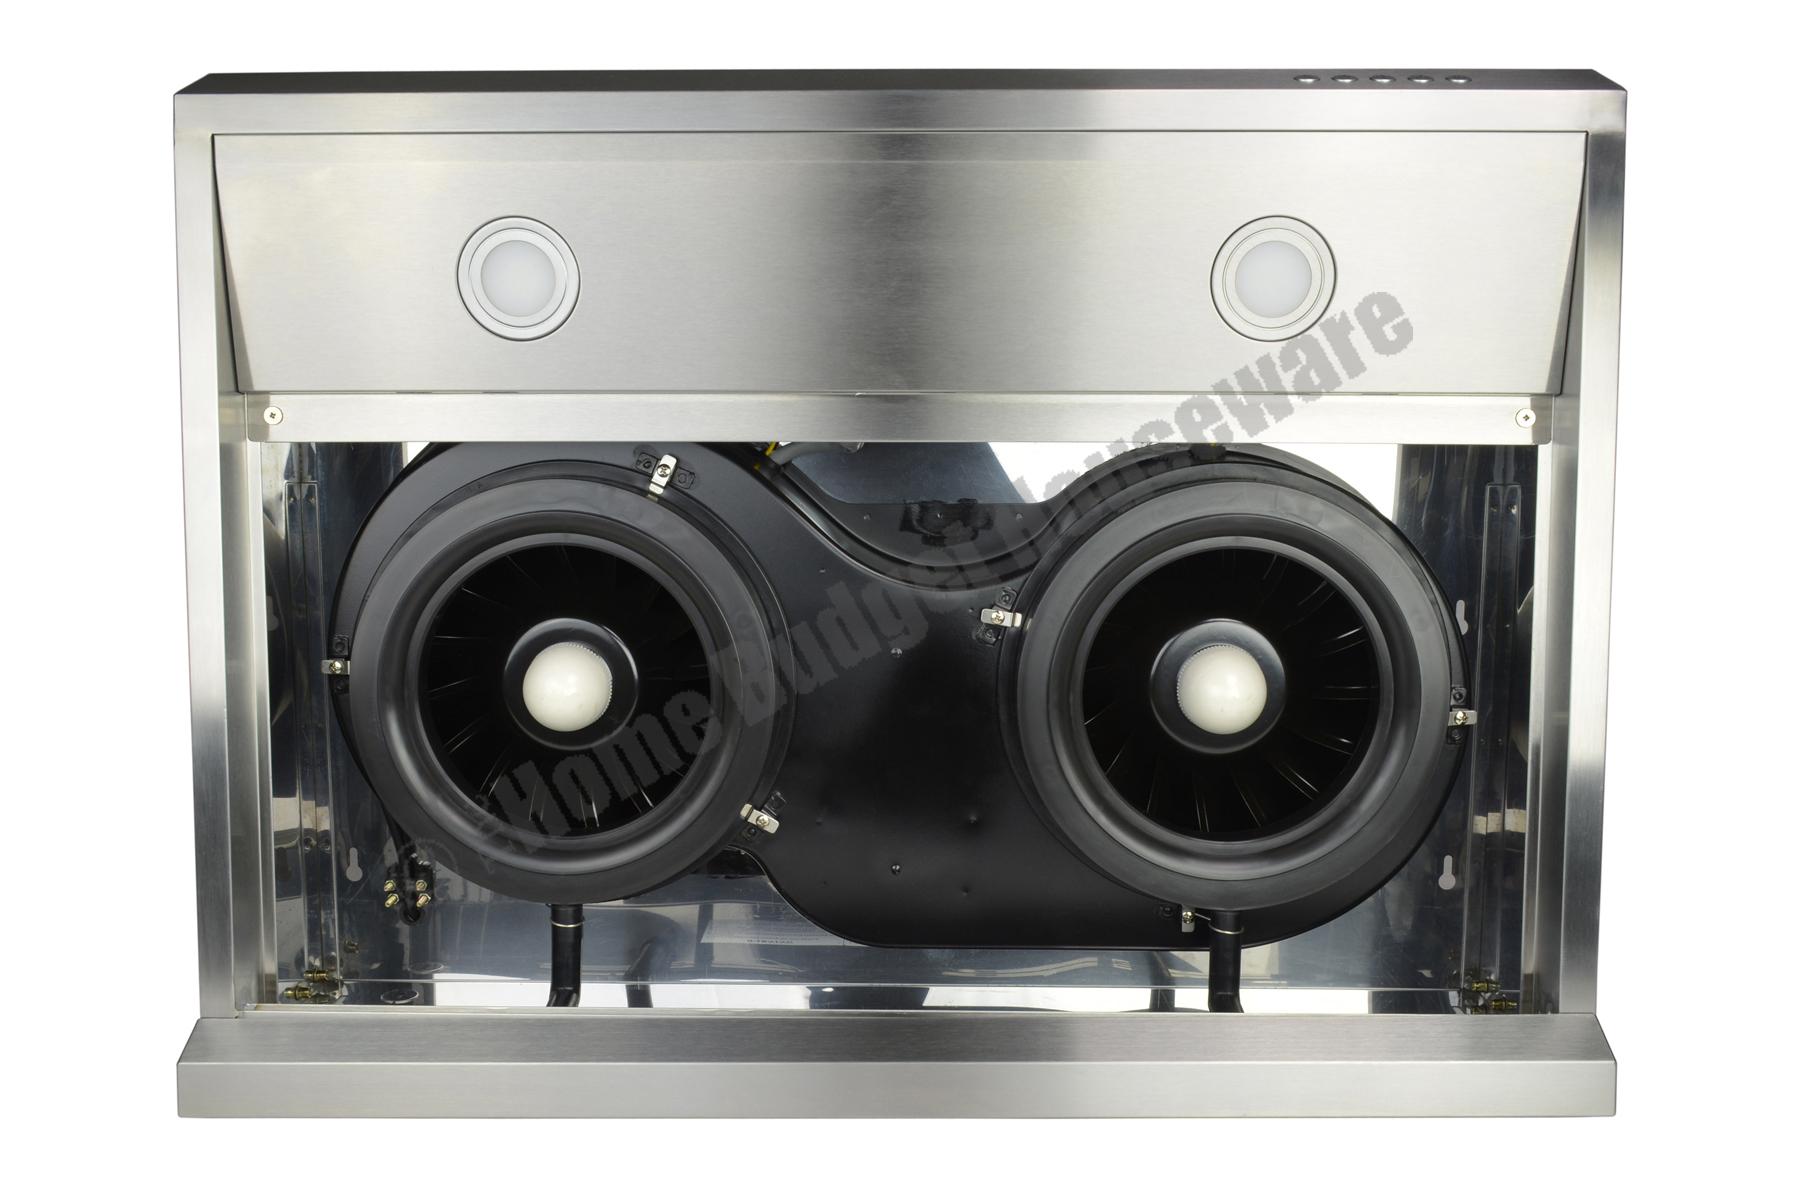 30 Stainless Steel Under Cabinet Range Hood Kitchen Fan 3